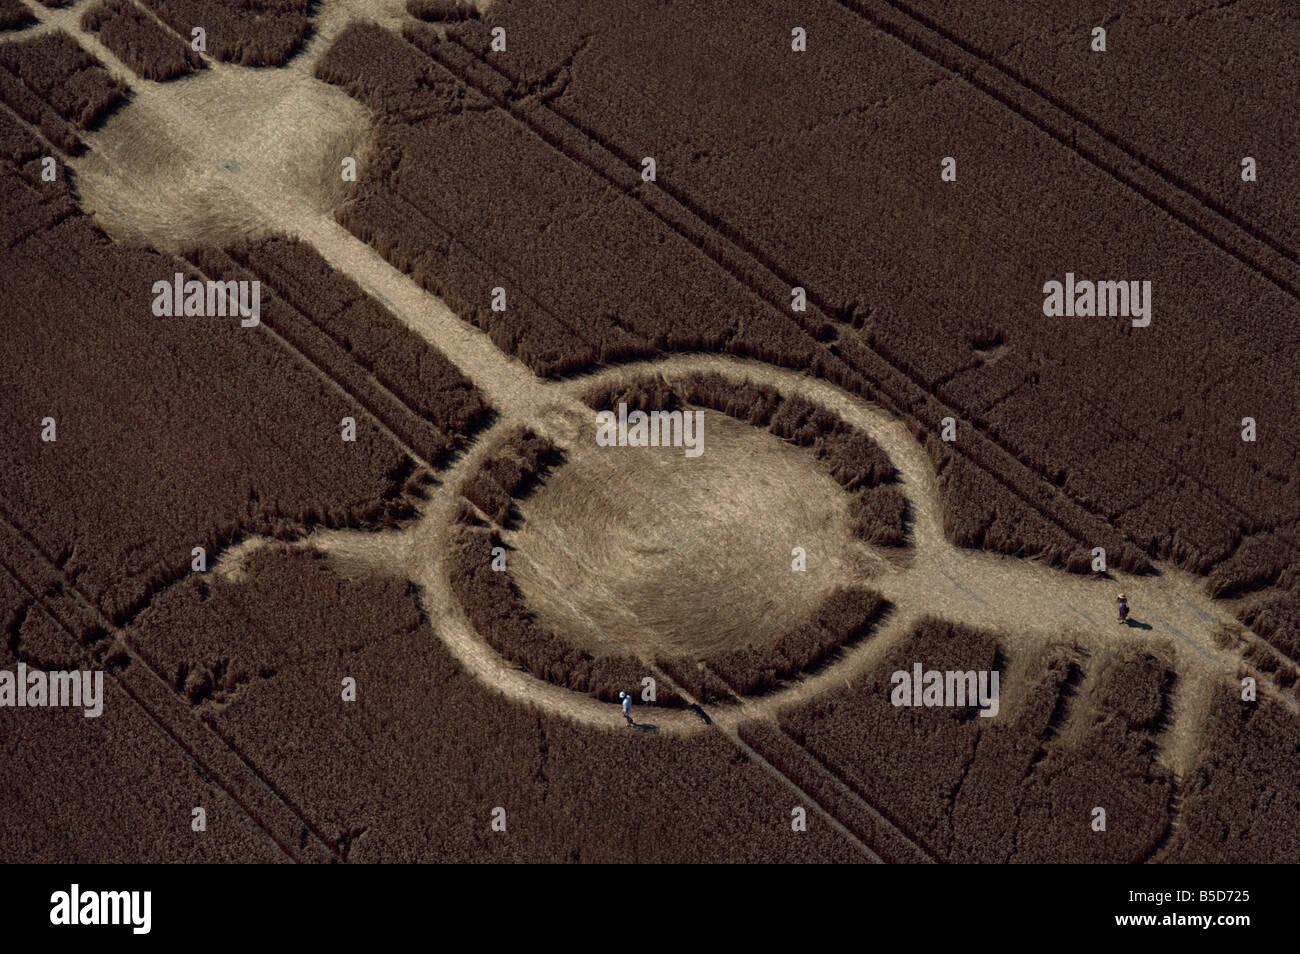 Frühes Beispiel eines Kornkreises, Avon Wiltshire Grenze, England, Europa Stockbild